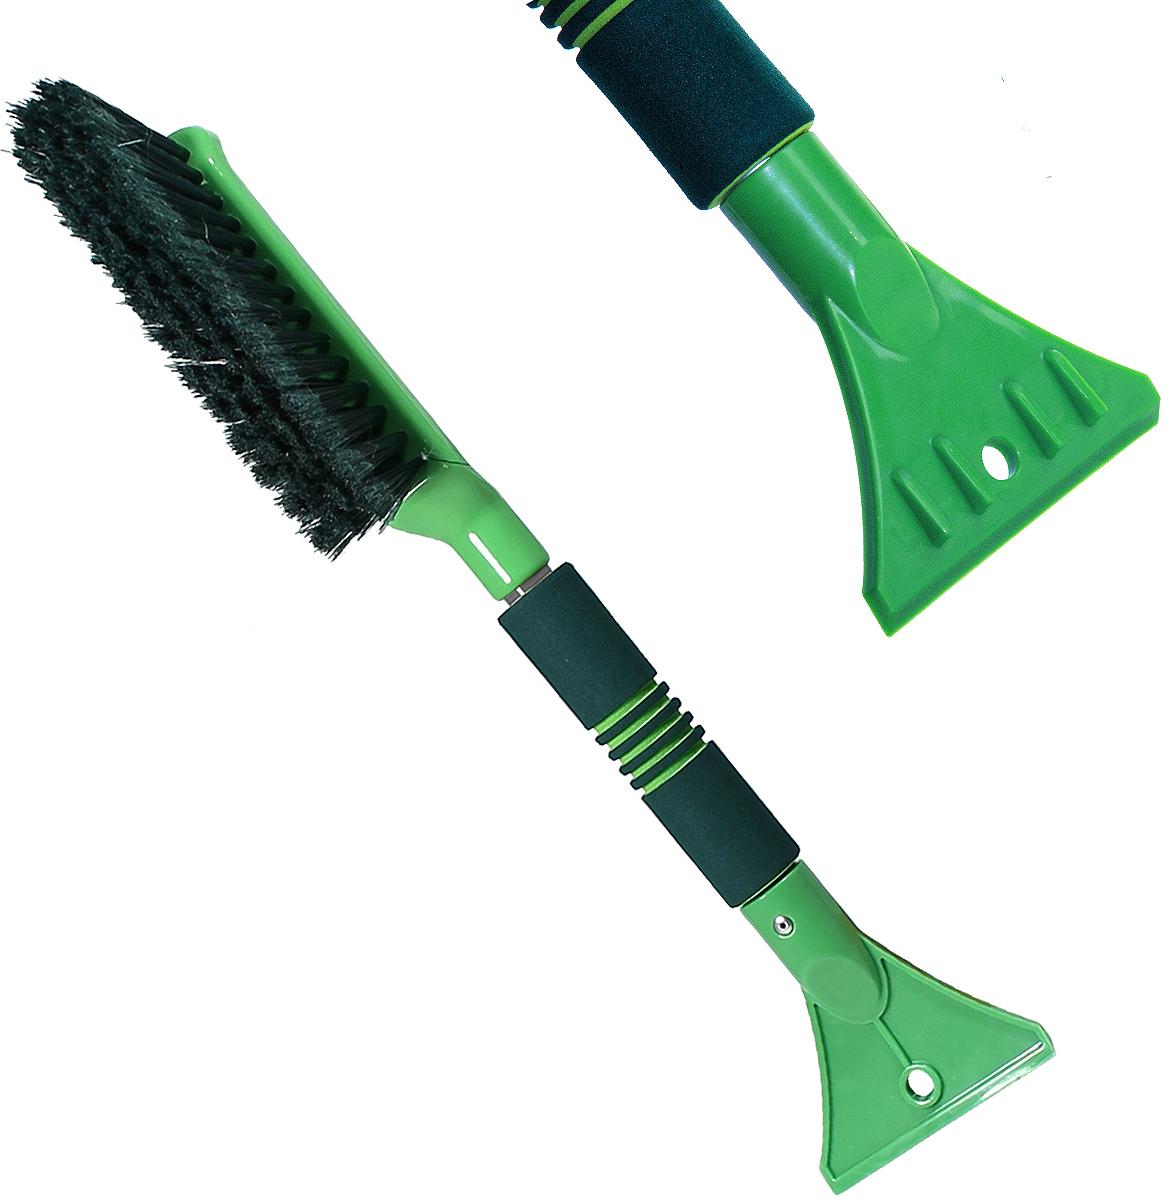 Щетка для снега cо скребком Li-Sa LS201, 39894, салатовый, зеленый, длина 42 см